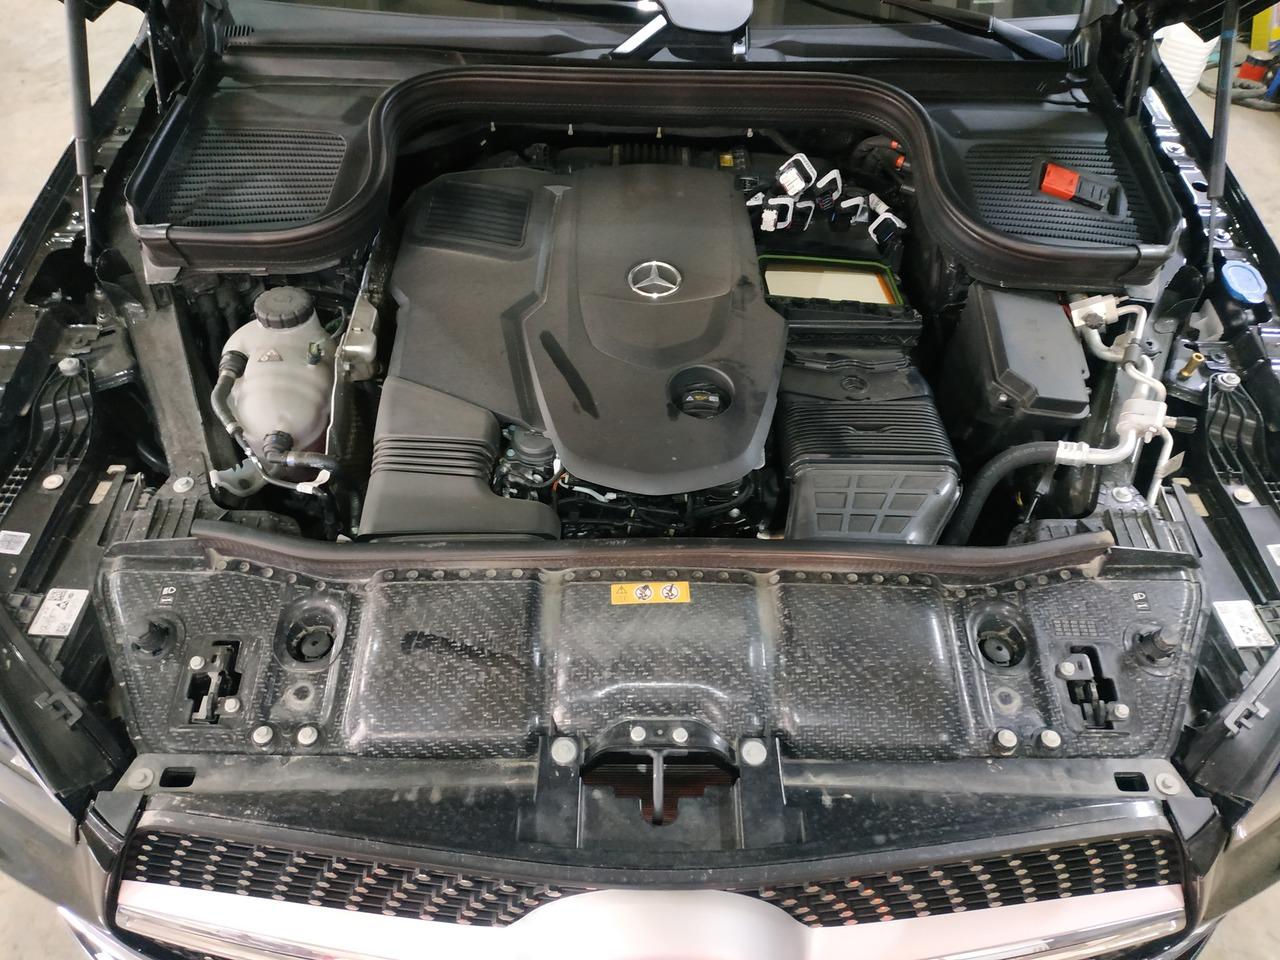 Двигатель дизель 2.925 л, мощность в стоке 249 л.с.